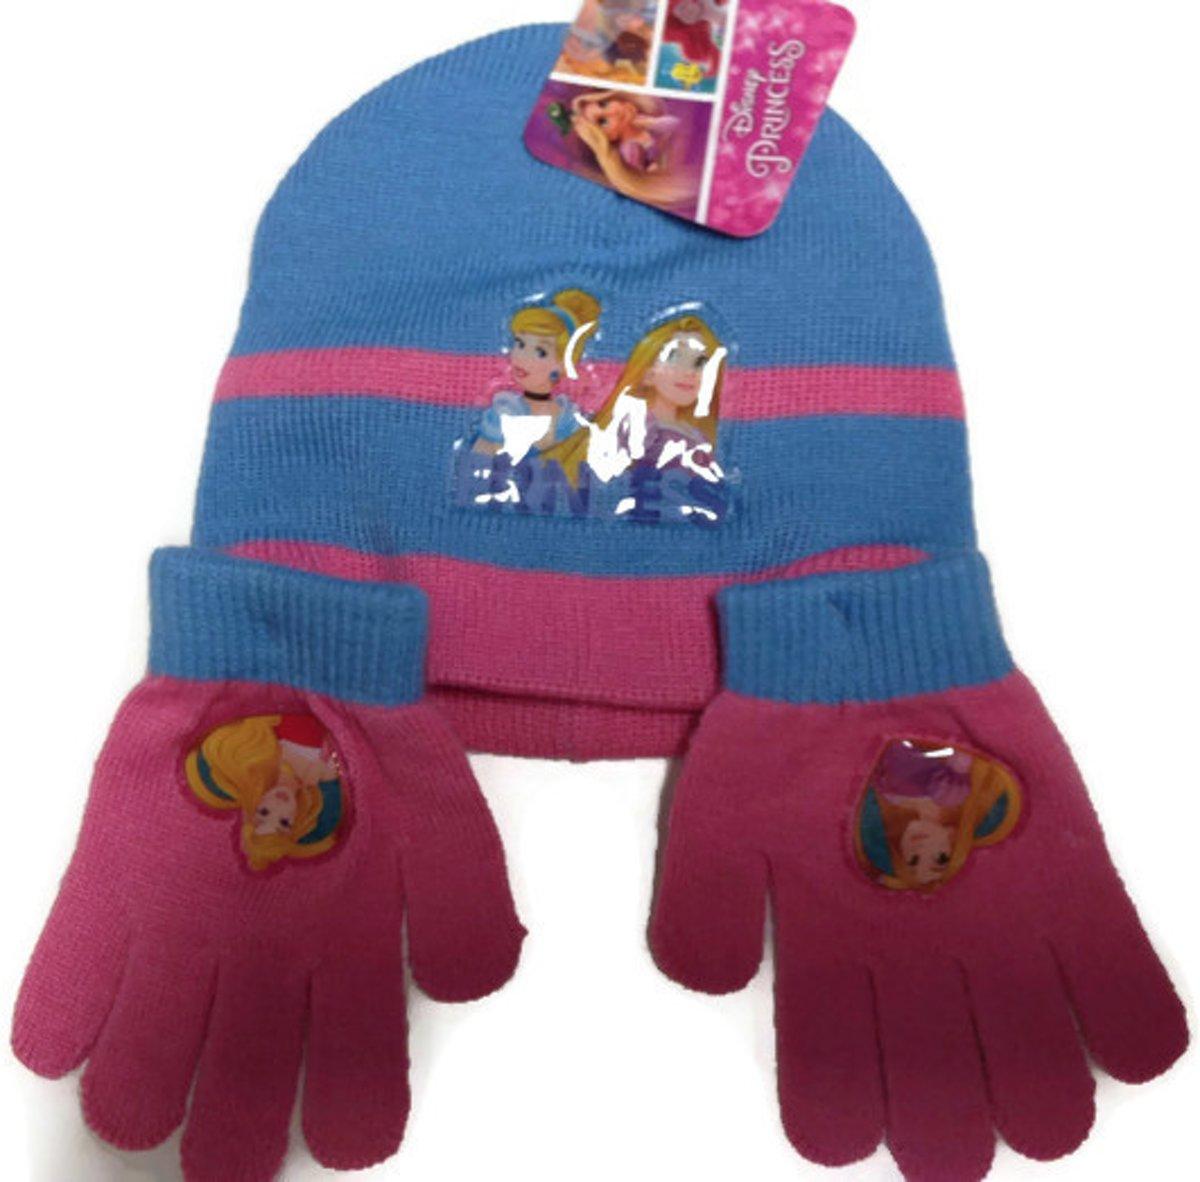 Muts en handschoenen|kleur blauw maat 2 tm 5 jaar kopen